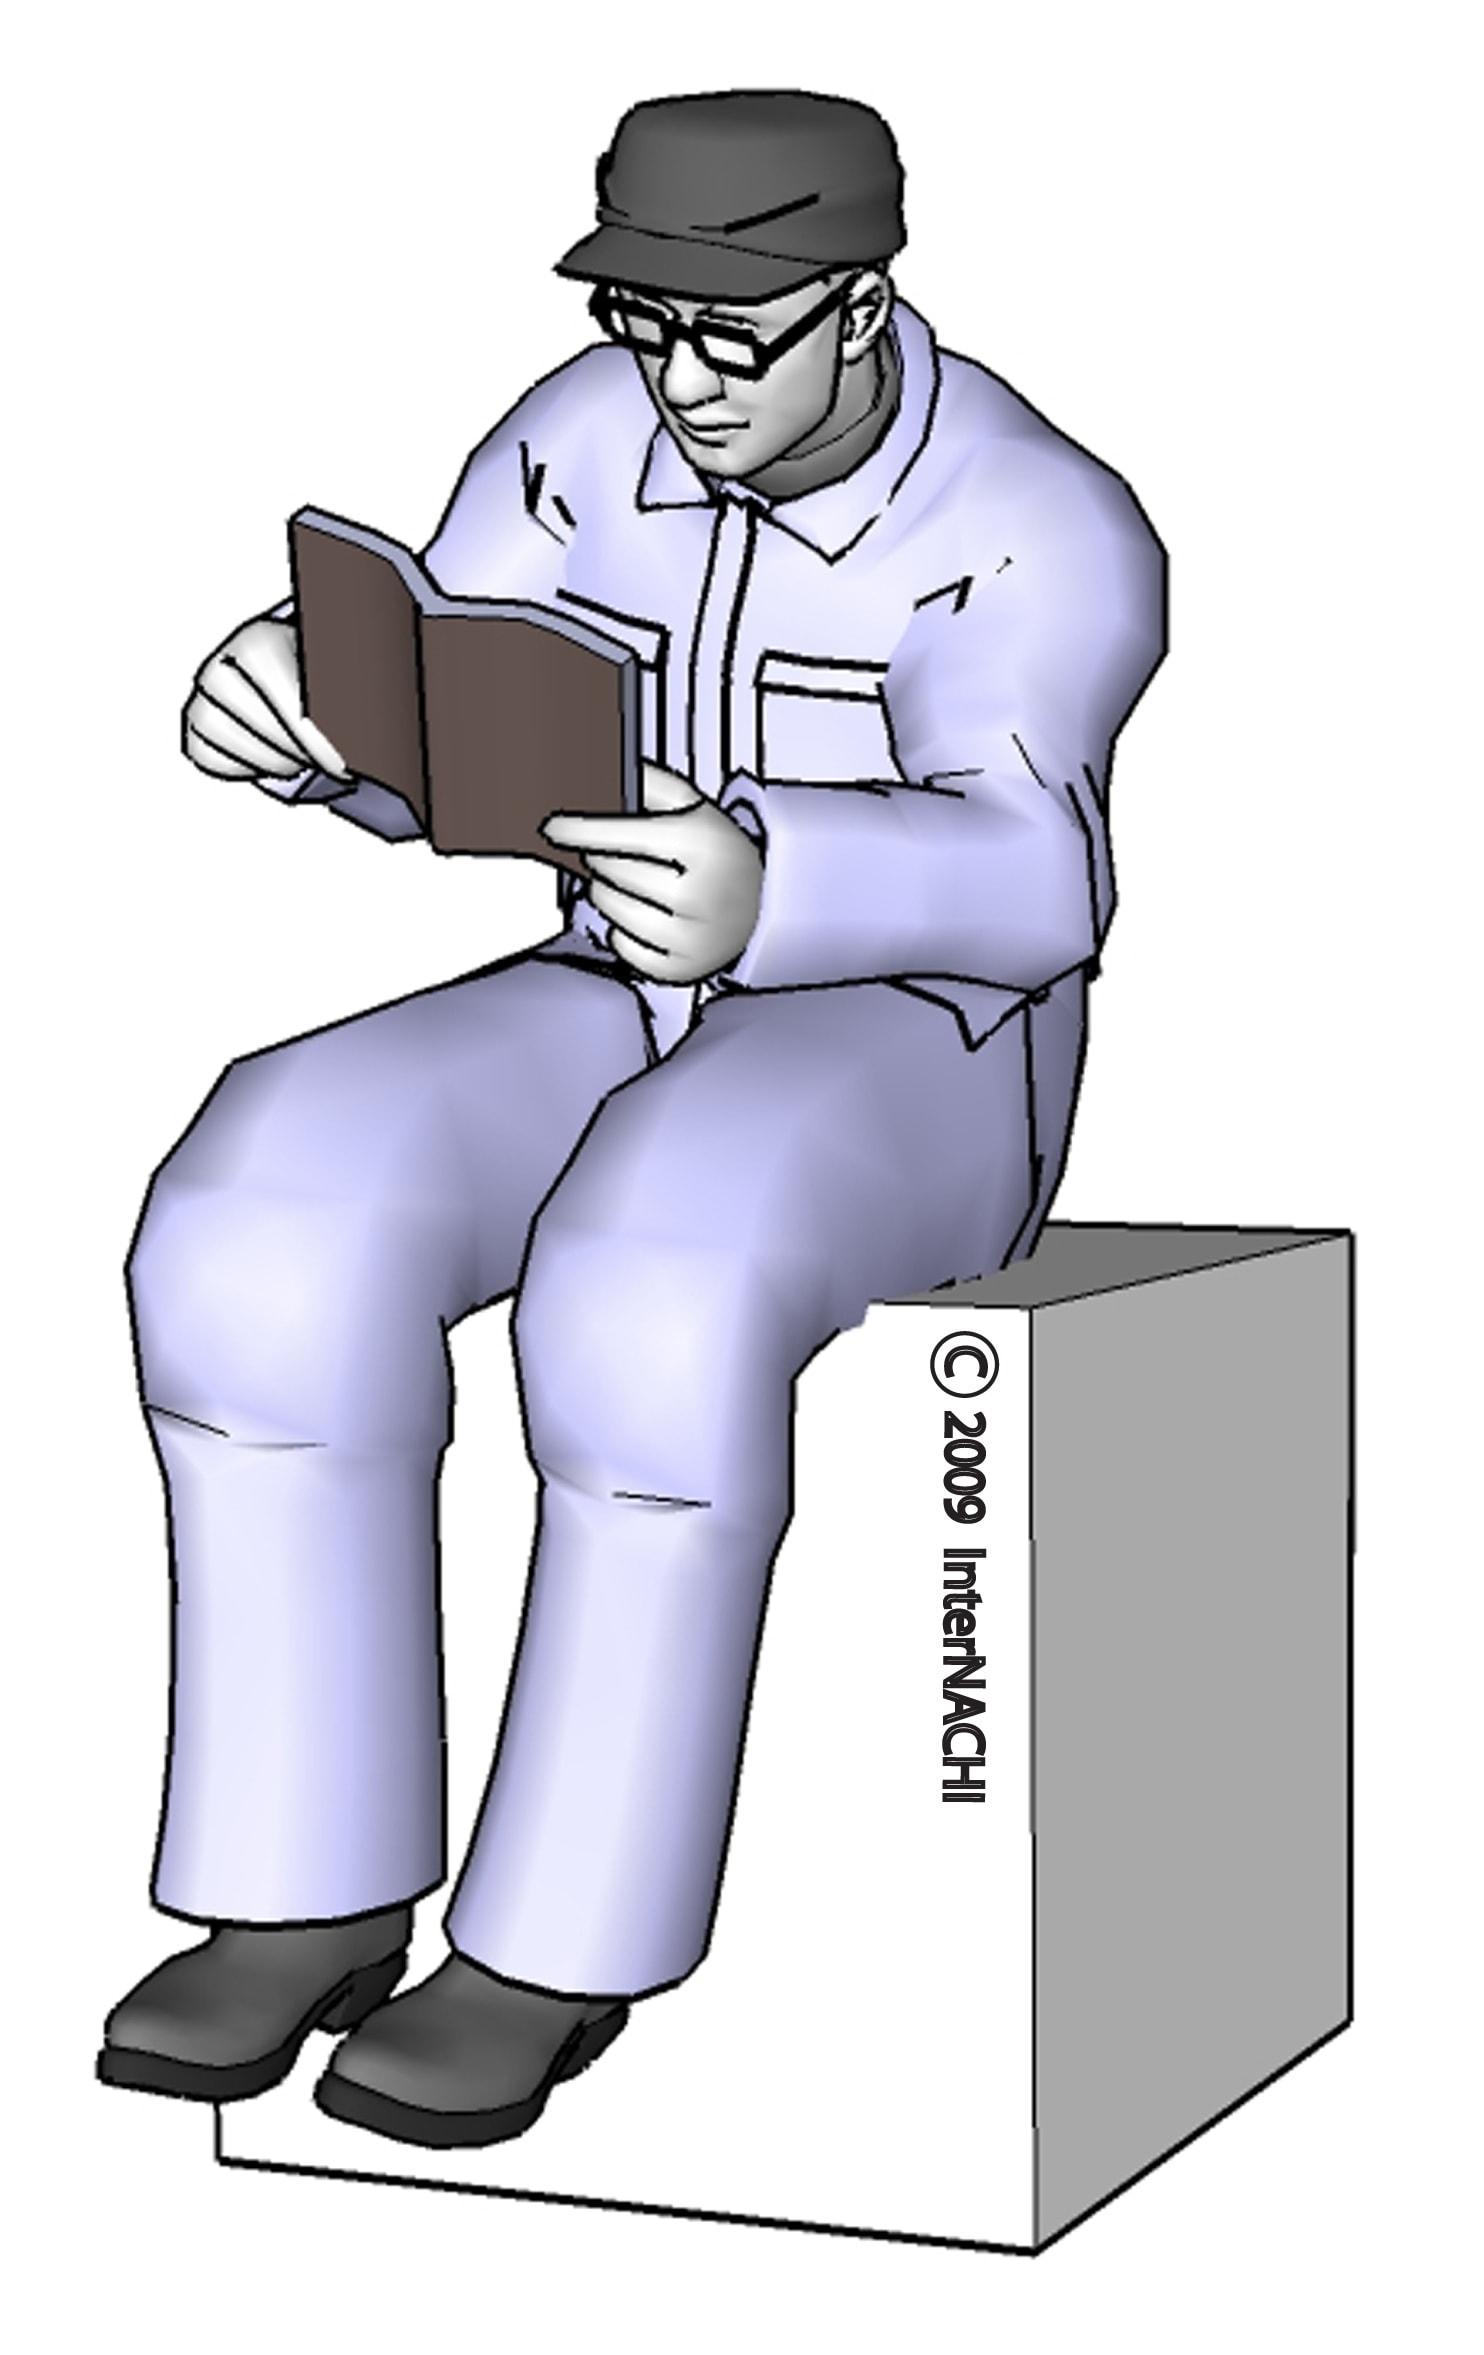 Inspector reading.